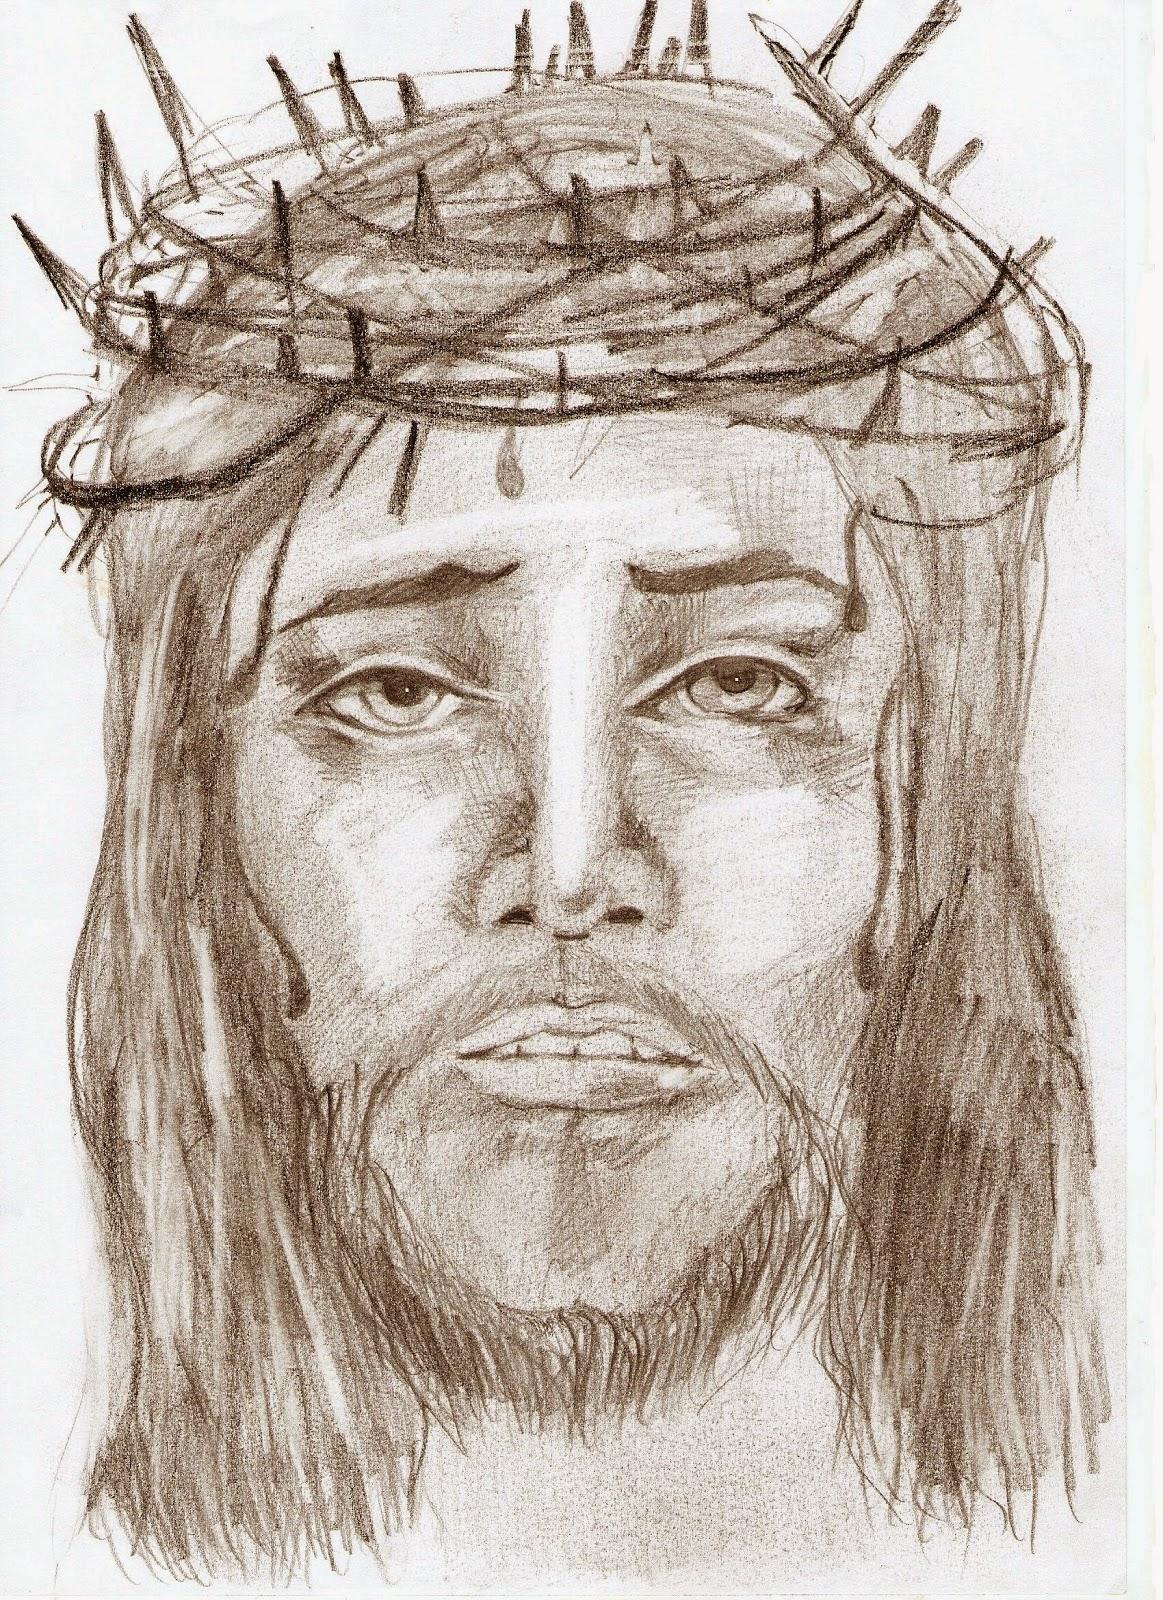 isus, iisus, desen isus, desen iisus, portret isus, portret iisus, desen creion, desen in creion, portret creion, paste, de paste, iisus pe cruce, iisus rastignit, iisus din nazaret, iisus inviere, iisus hristos, iisus din nazareth,